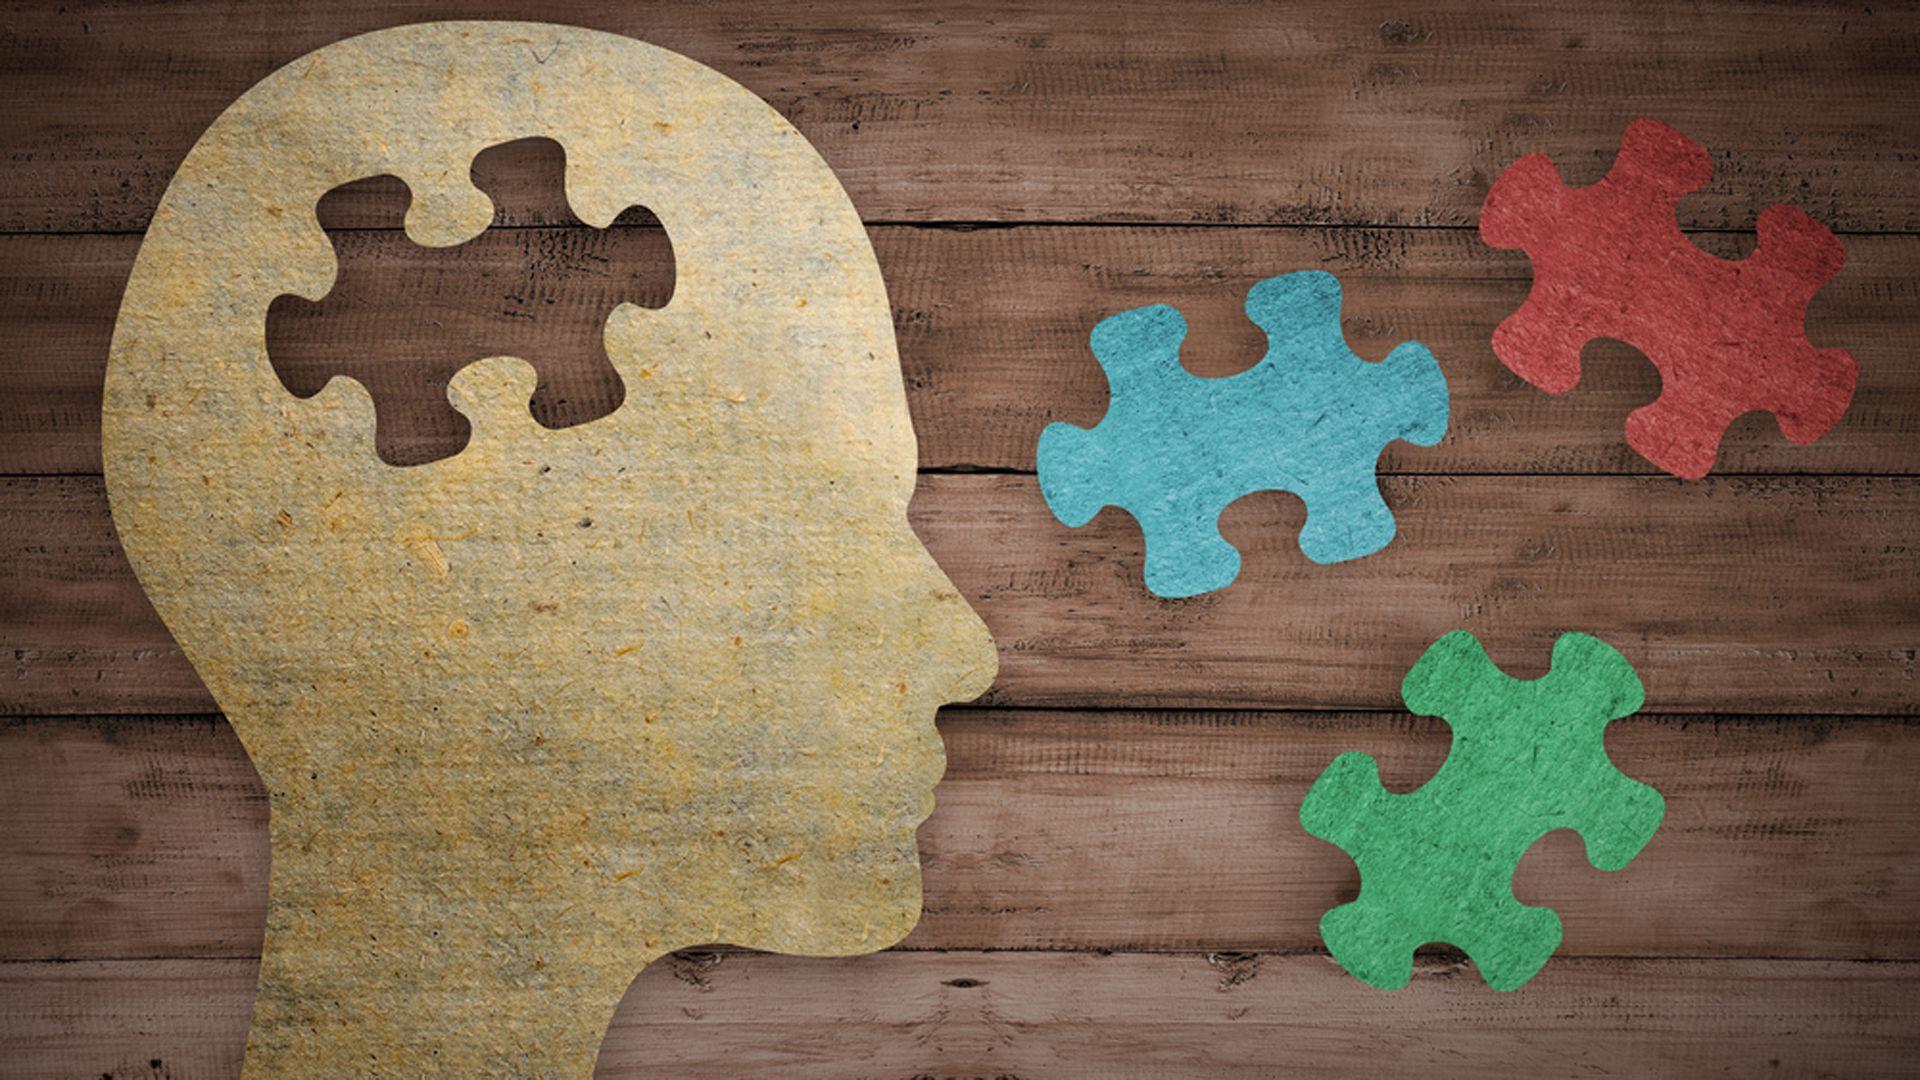 El estrés agudo puede afectar la capacidad de recordar (Shutterstock)